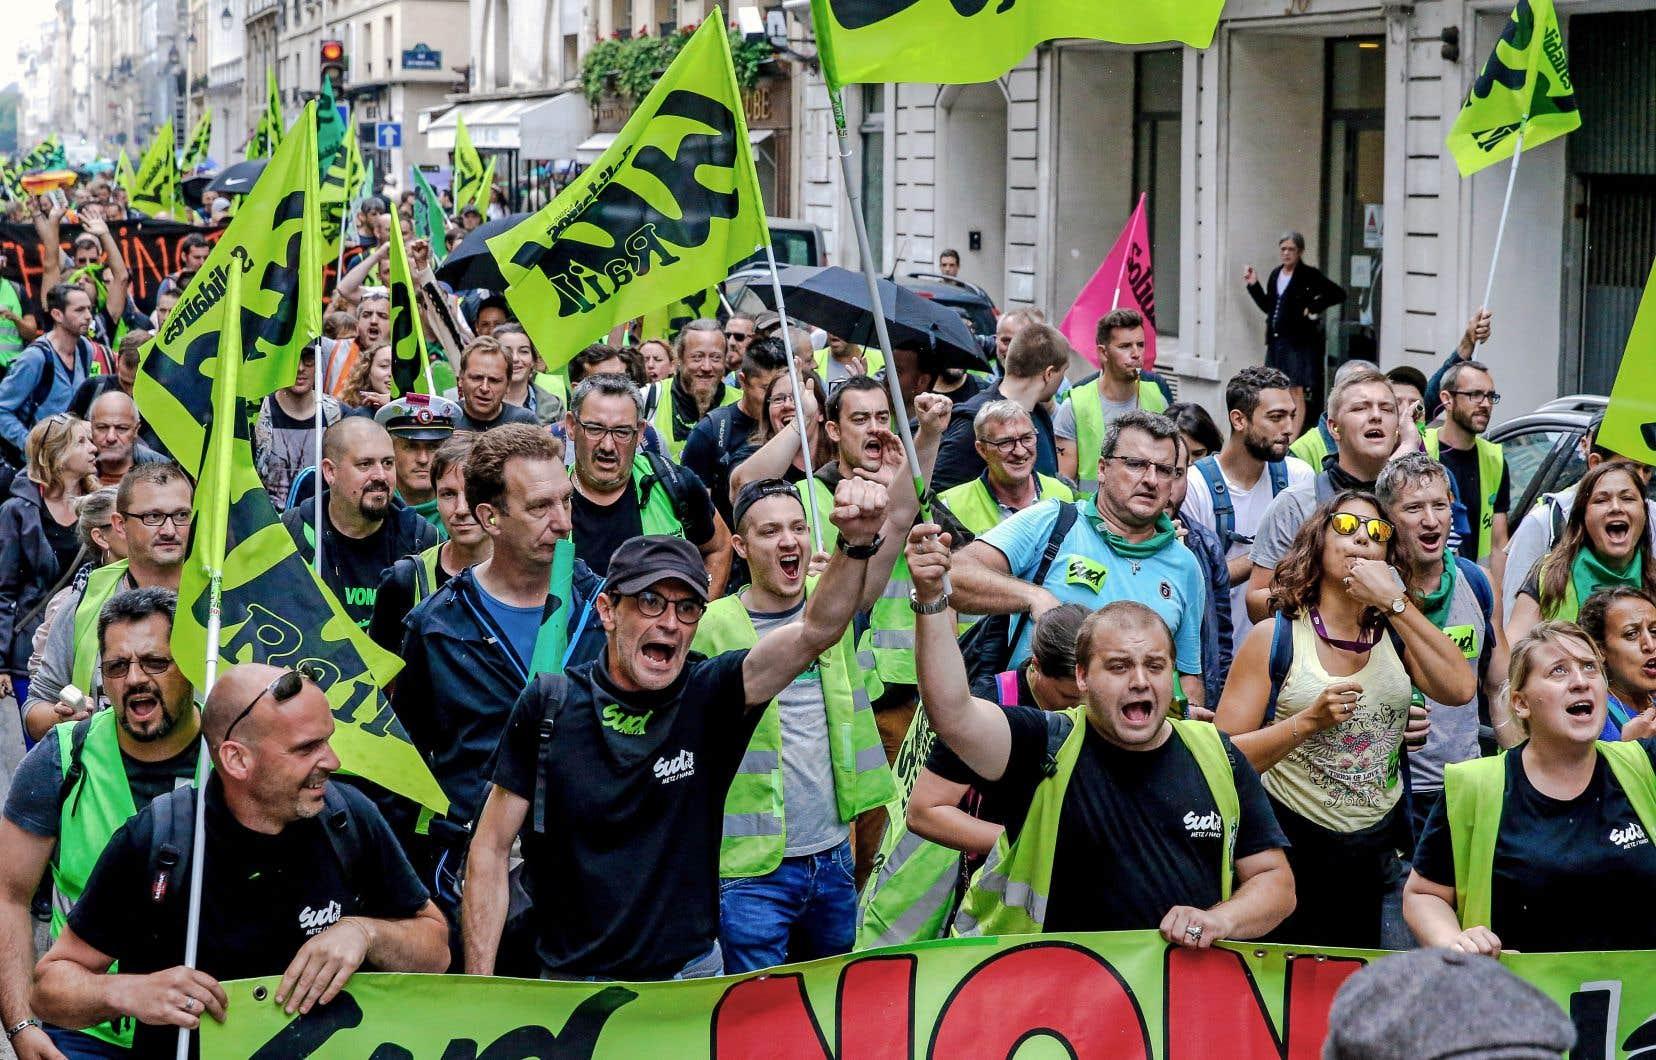 Les travailleurs sont aussi victimes du recul des syndicats, selon l'OCDE. Sur la photo, les cheminots français en pleine manifestation, le 11juin.